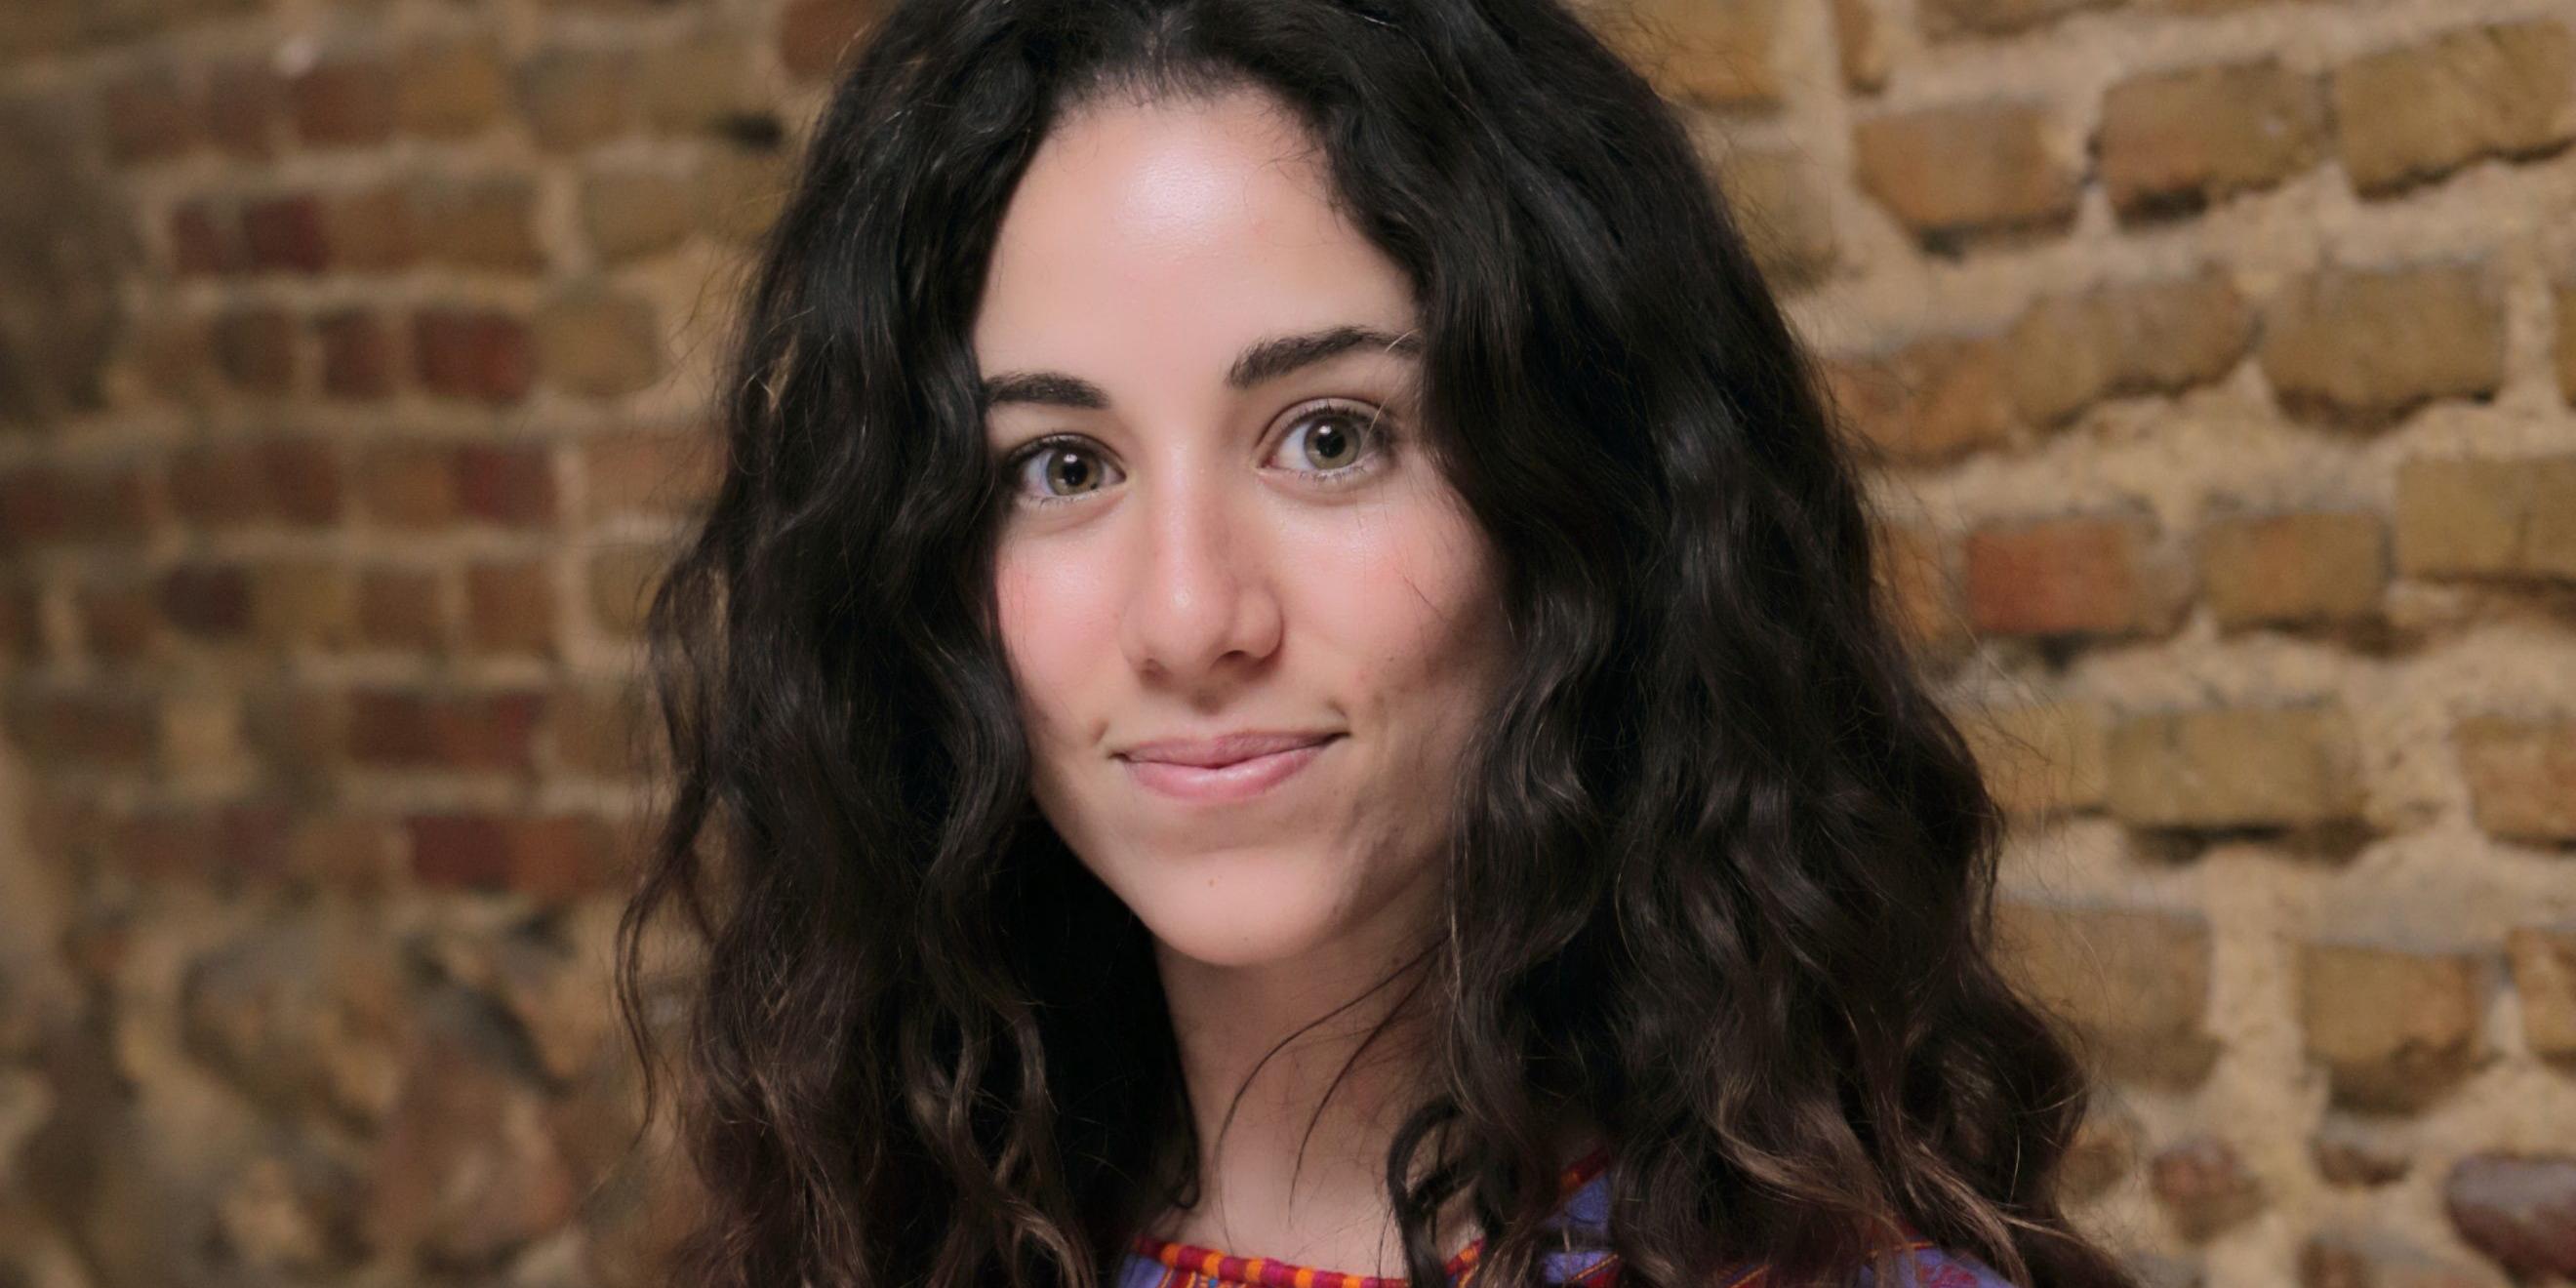 Sofia Casarin, Mexico, participant in the GCLP 2017 edition